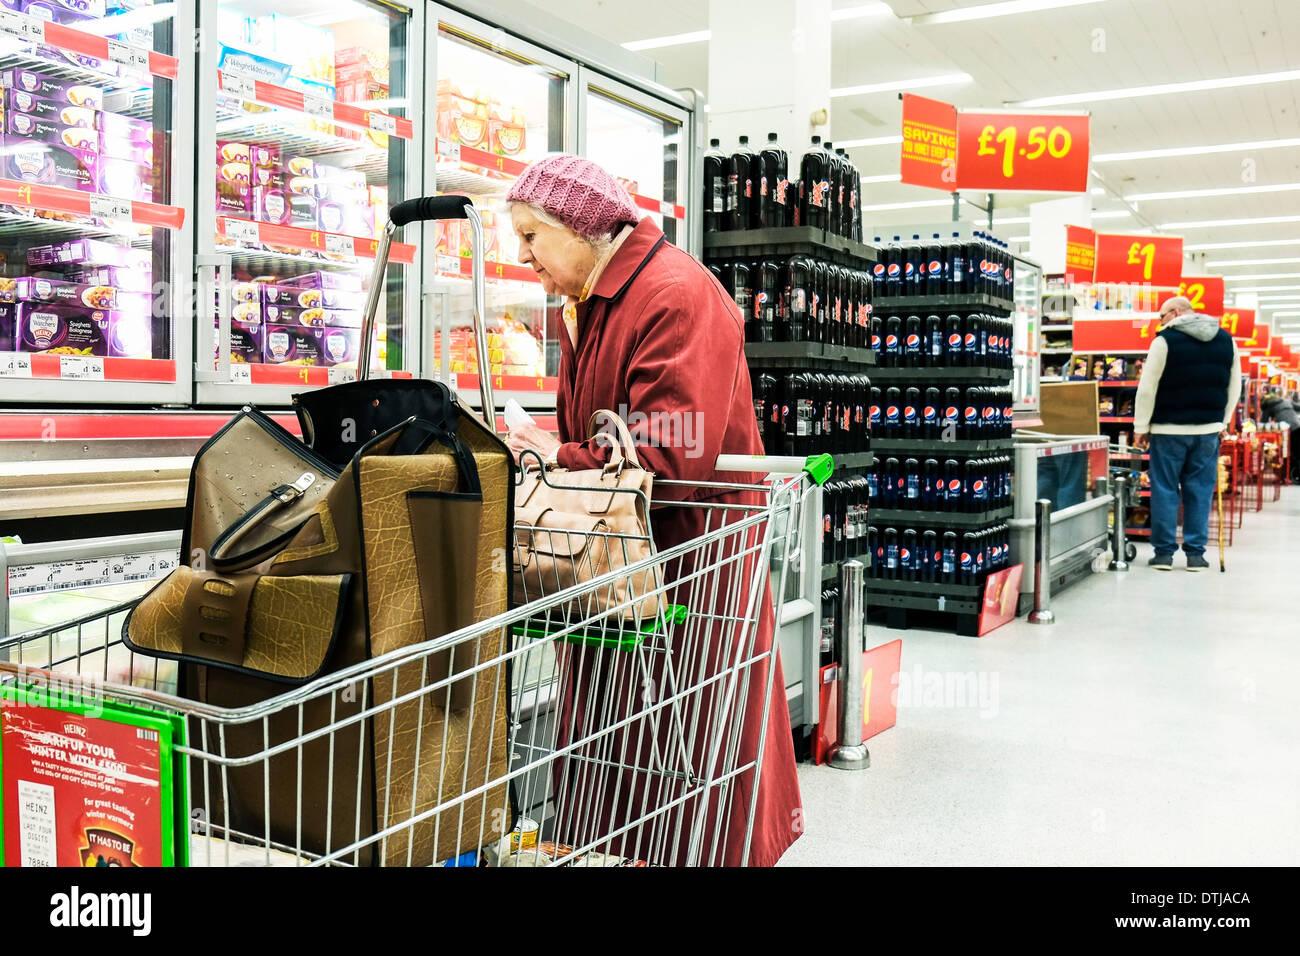 Ein Rentner Einkaufen in ein Asda Supermarkt. Stockbild